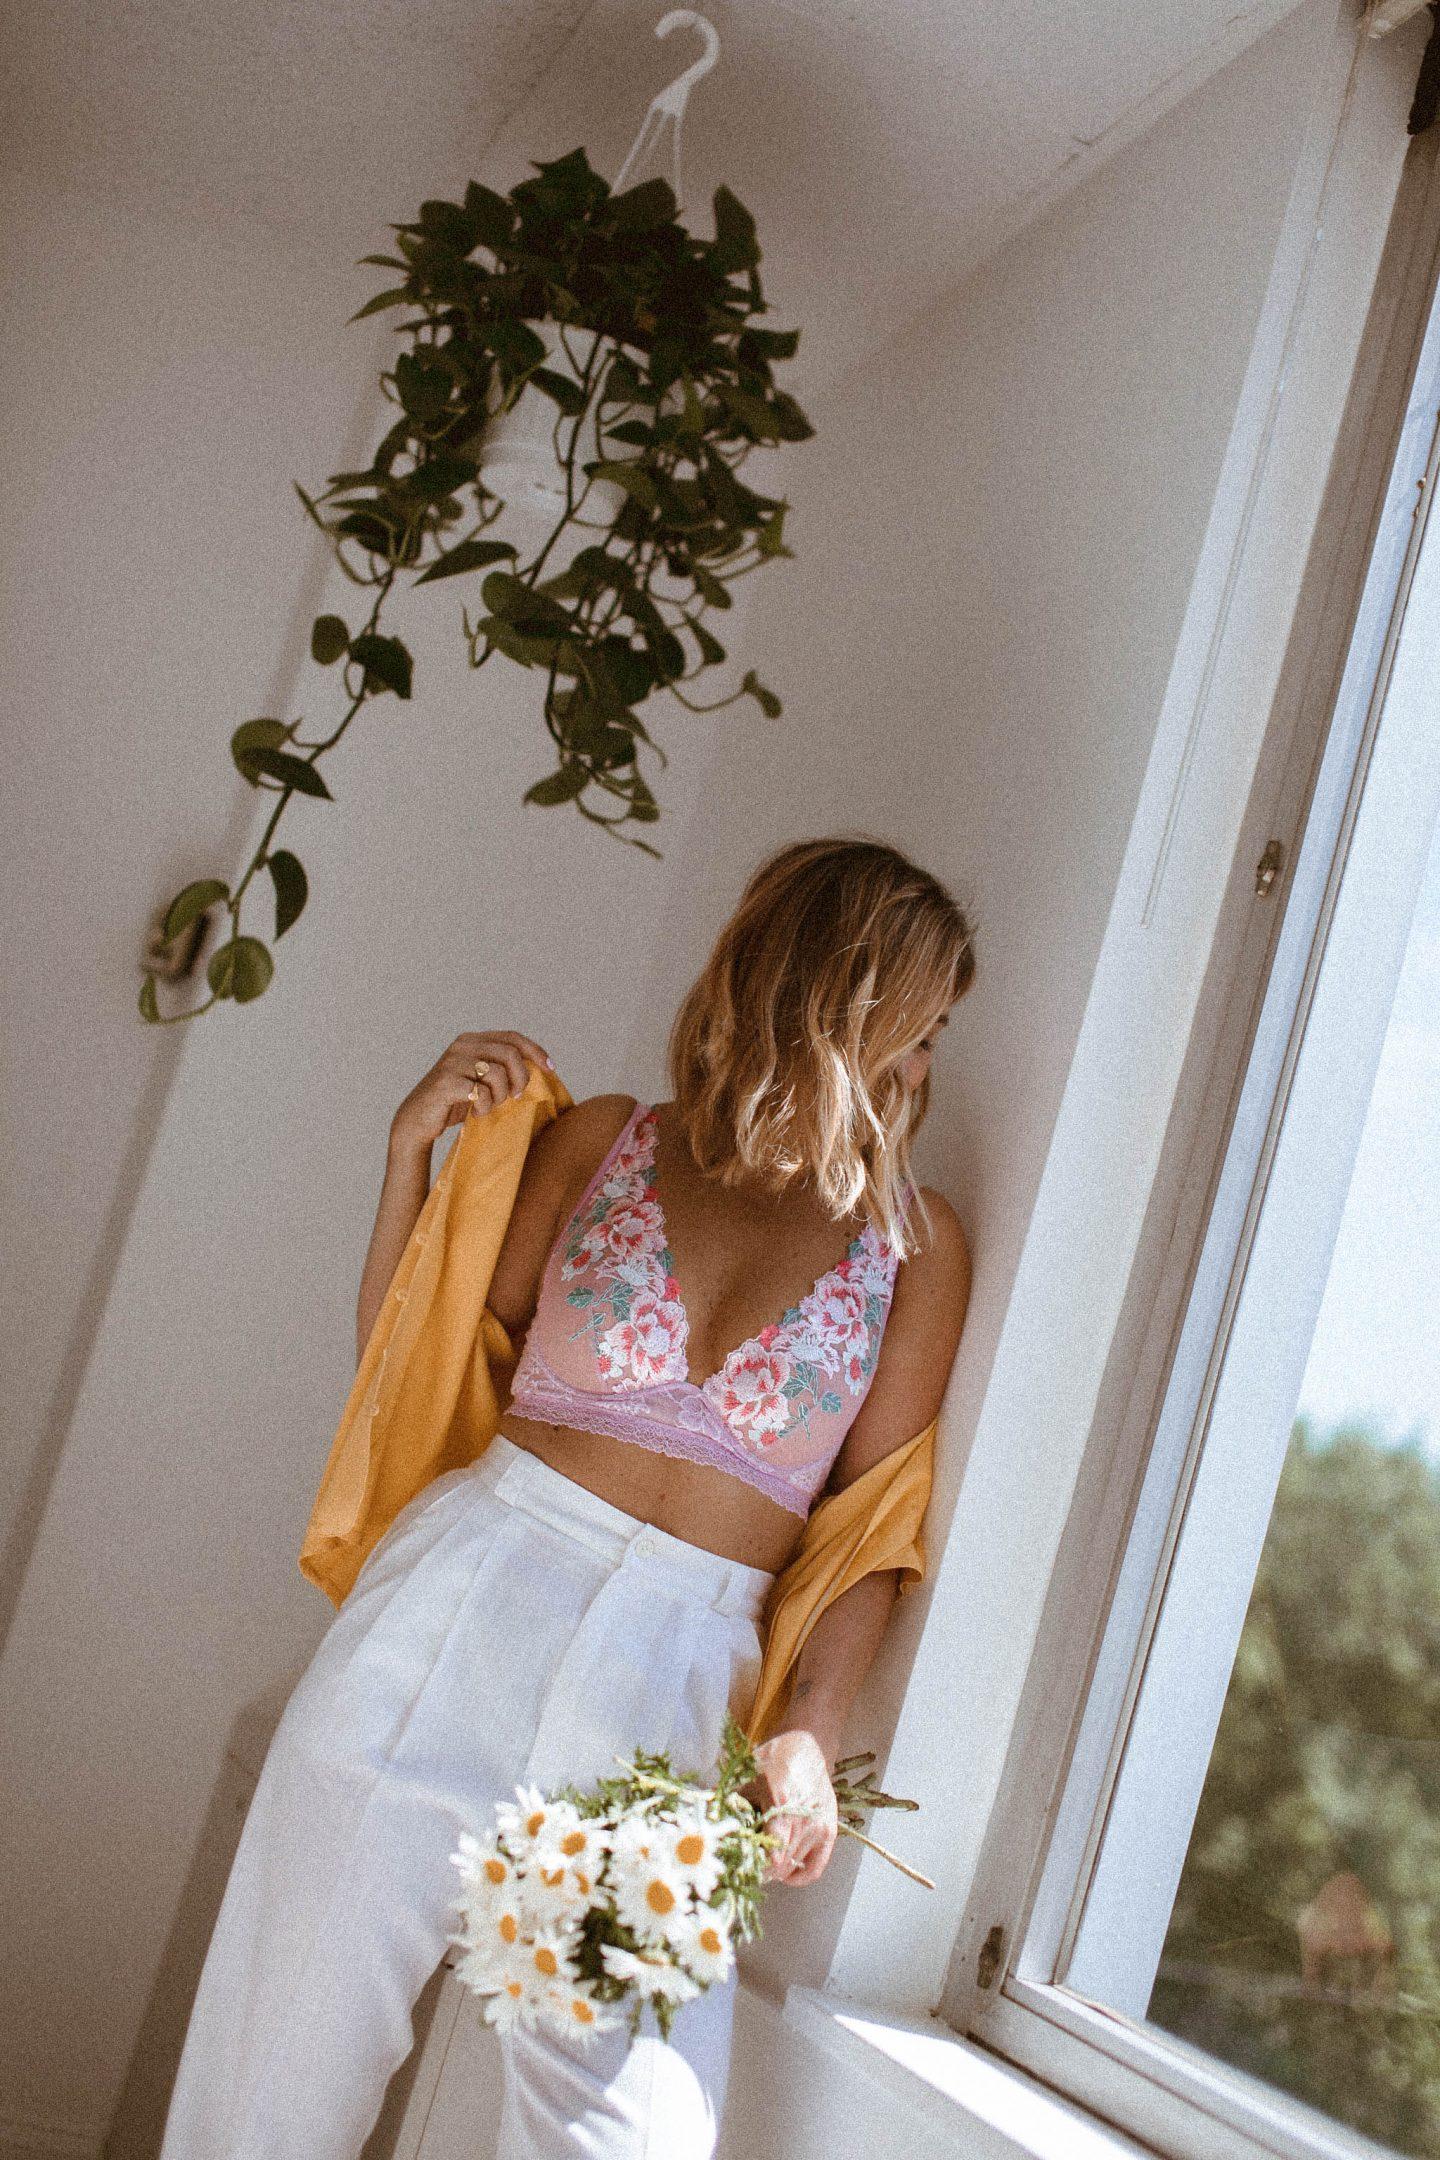 intimissimi, bra, bralette, best bralette, best bra, summer bra, lace bra, Italian lingerie,